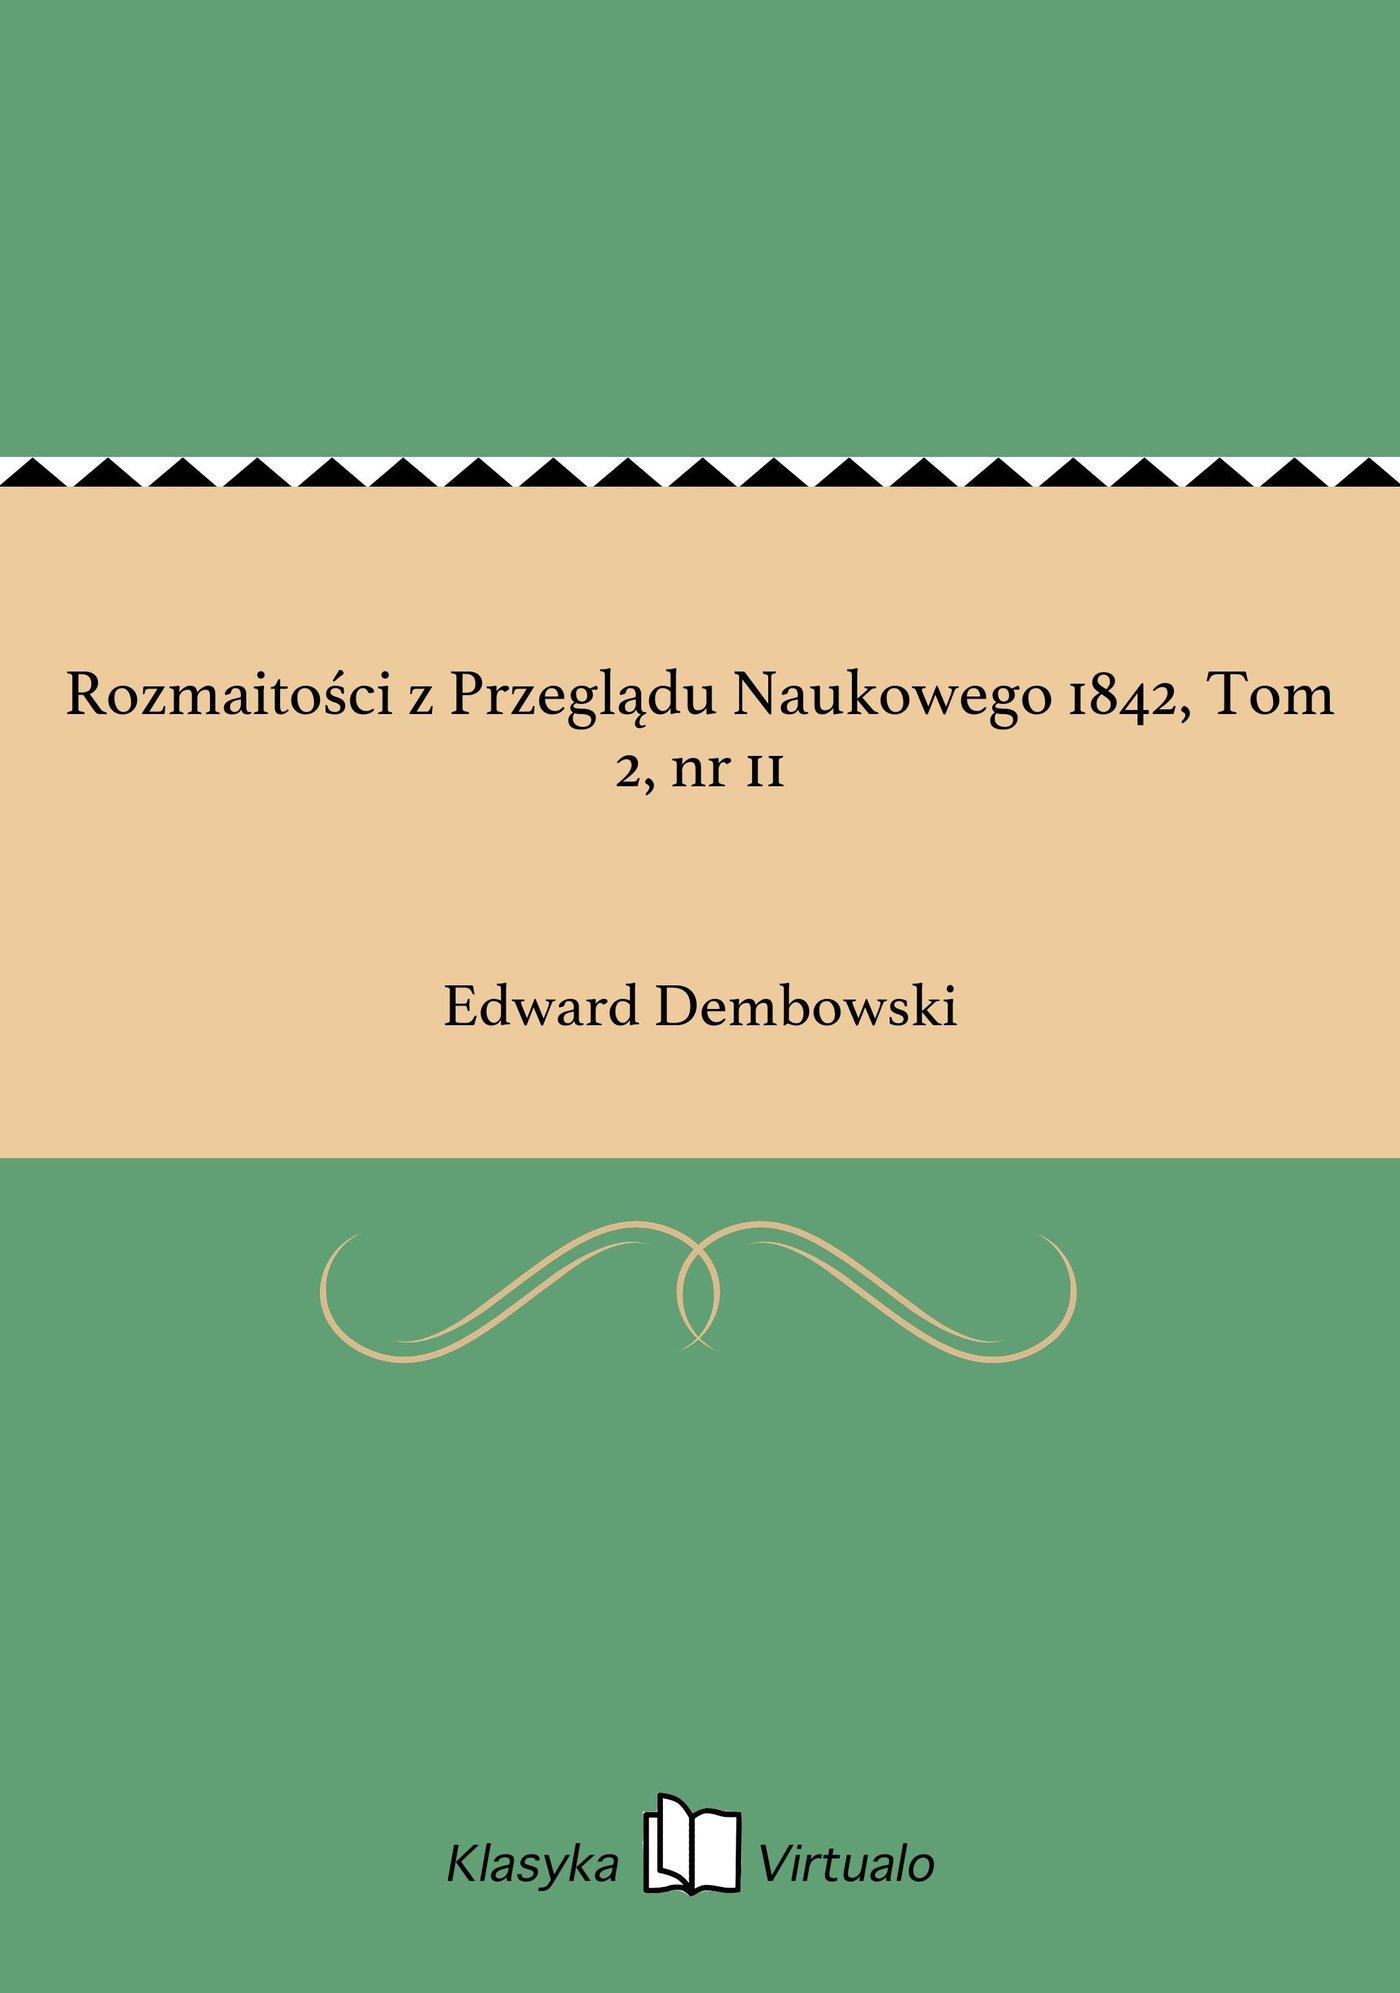 Rozmaitości z Przeglądu Naukowego 1842, Tom 2, nr 11 - Ebook (Książka EPUB) do pobrania w formacie EPUB